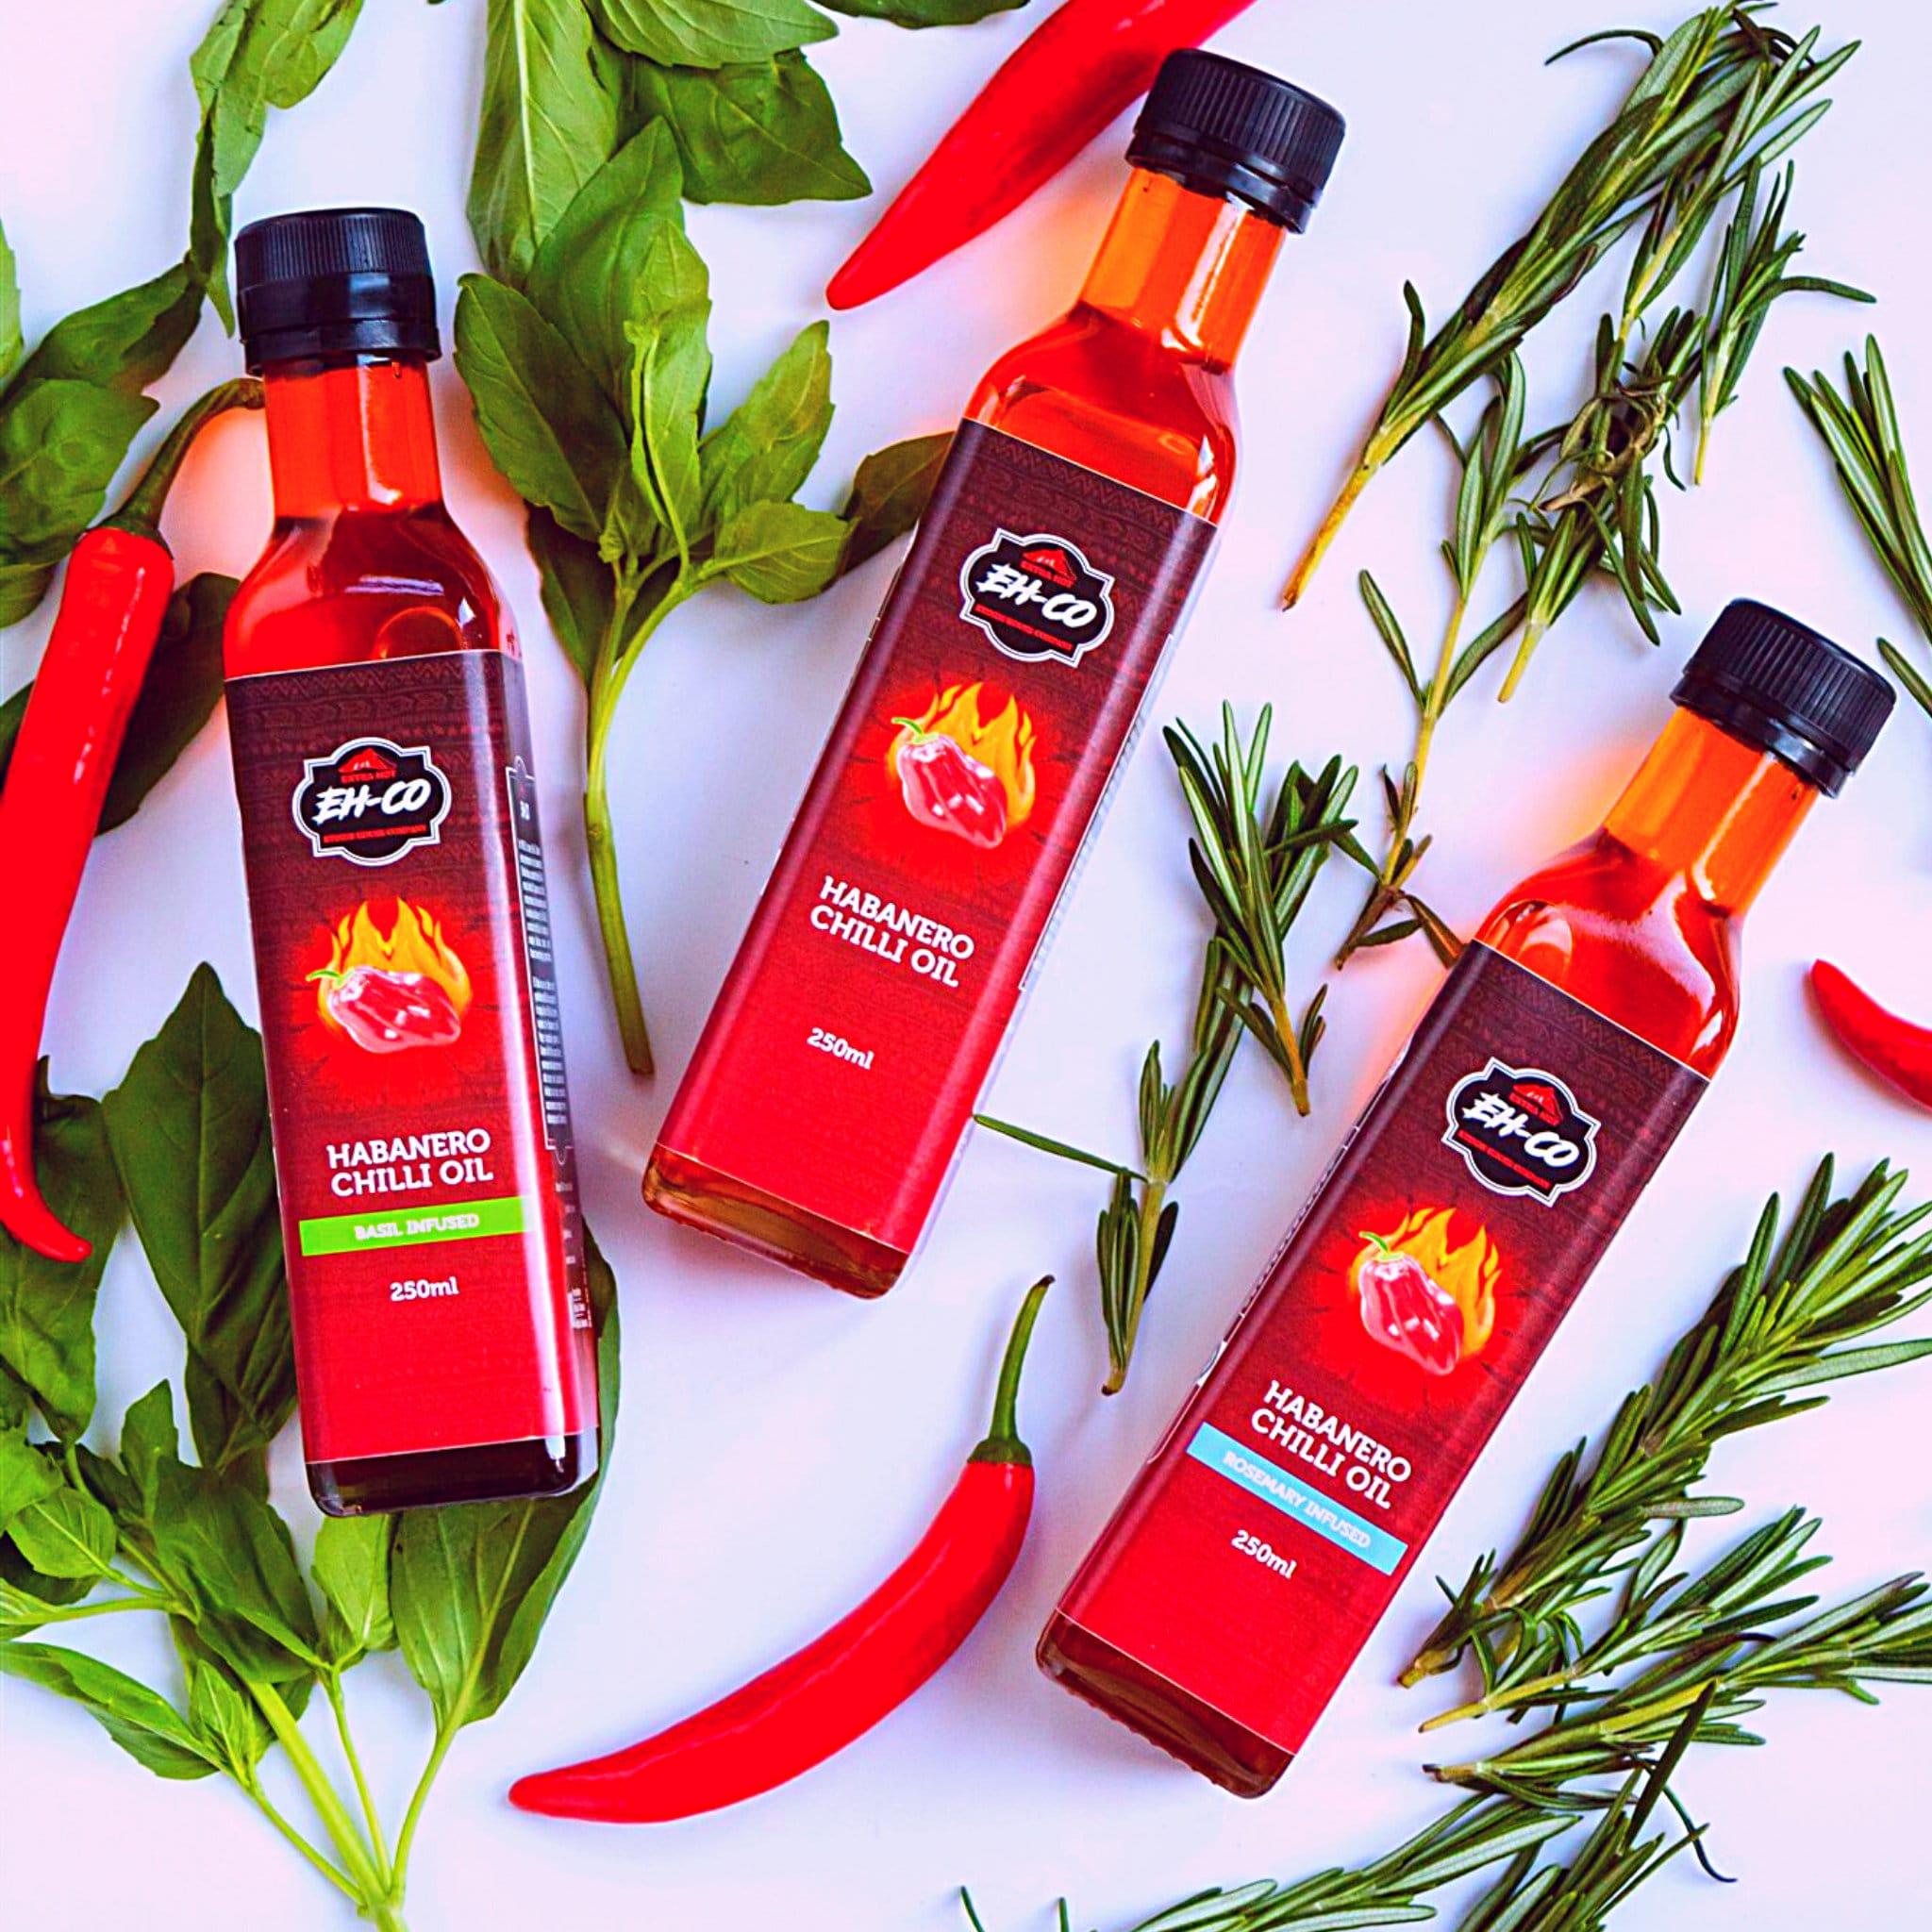 20 Pack Habanero Chili Oil 20ML, Chili Oil, Chili Pepper, Pepper Oil,  Chili, Hot Sauce, Hot Sauce Gift Set, Chili Gift, chilli lover gift